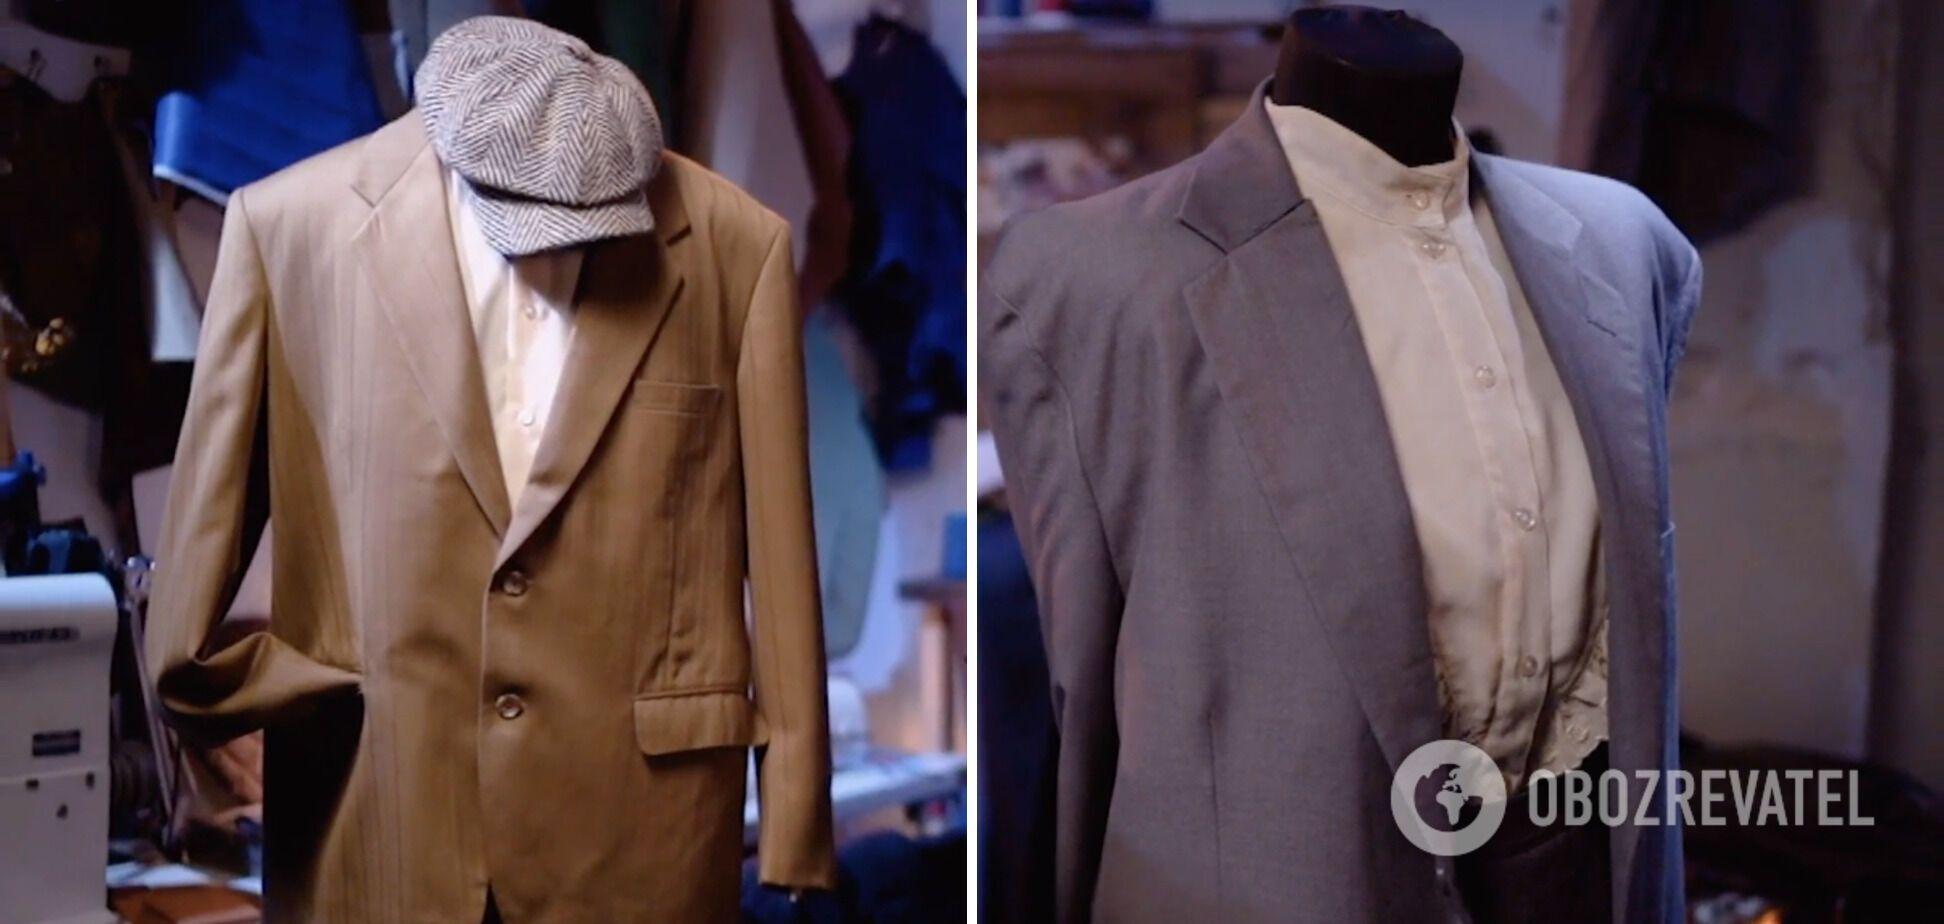 Одяг в СРСР був сірим і понурим